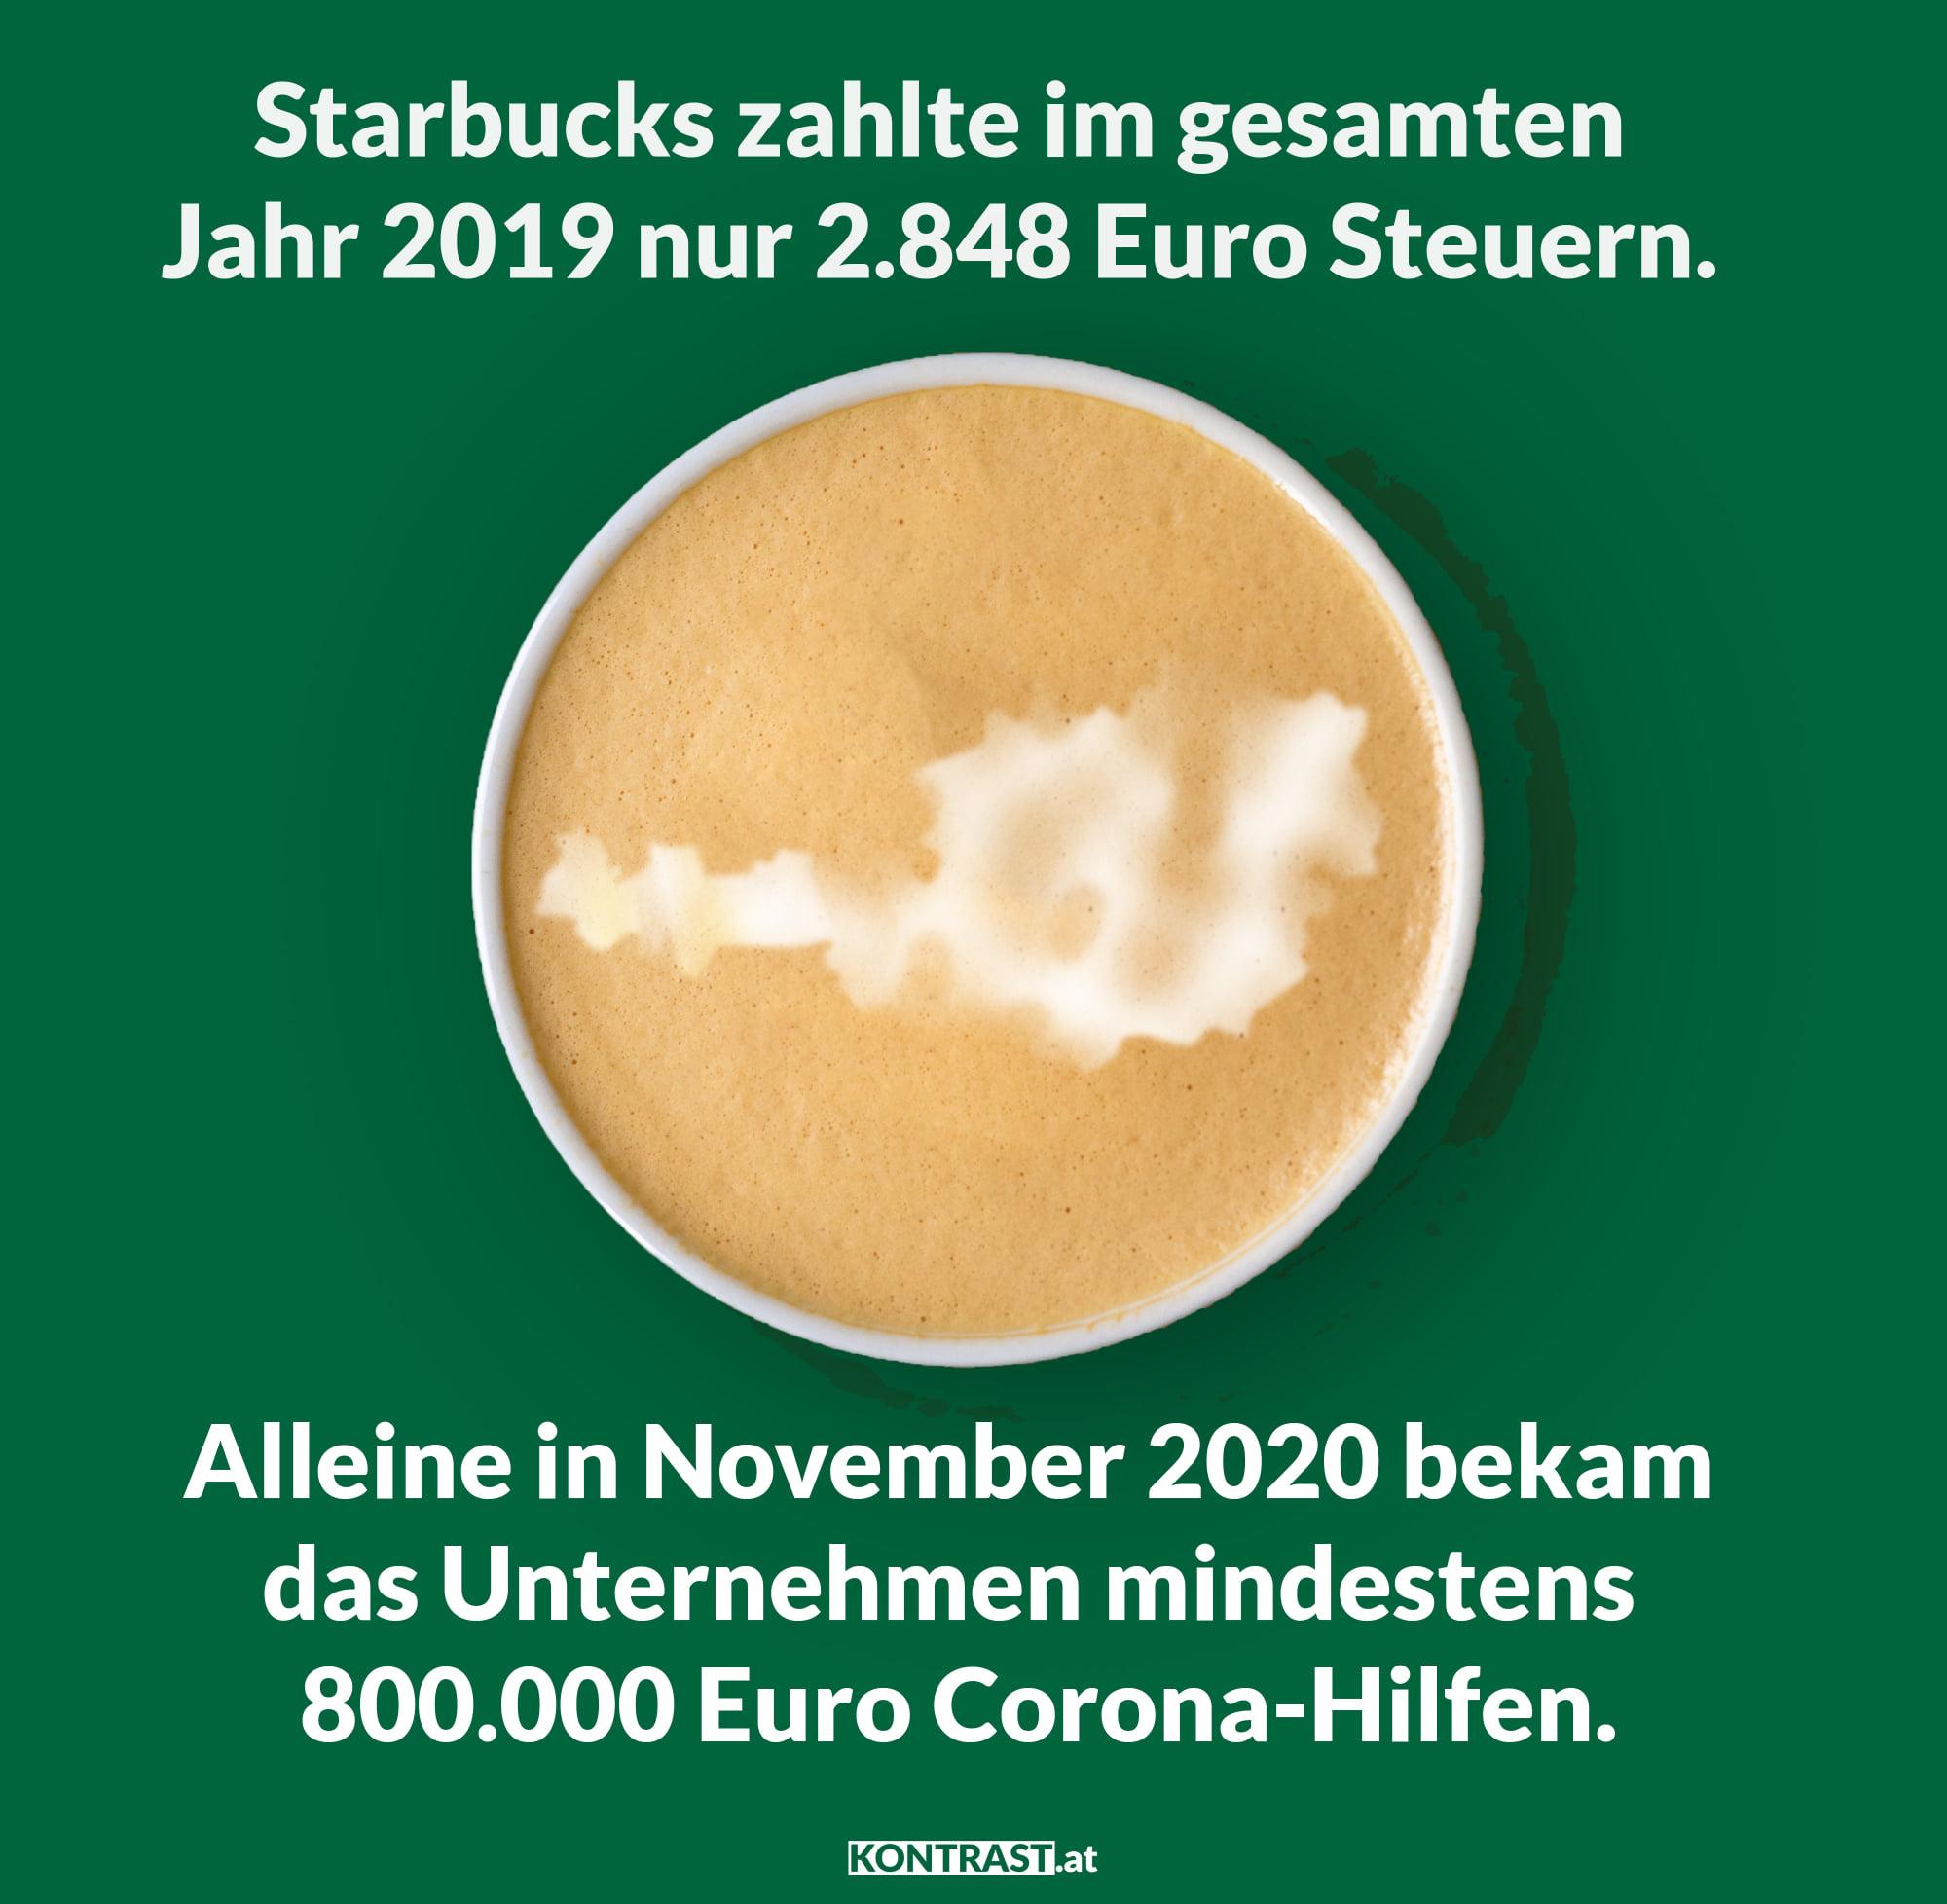 alle corona-massnahmen und fehler in österreich: Starbucks Steuern Corona-Hilfe